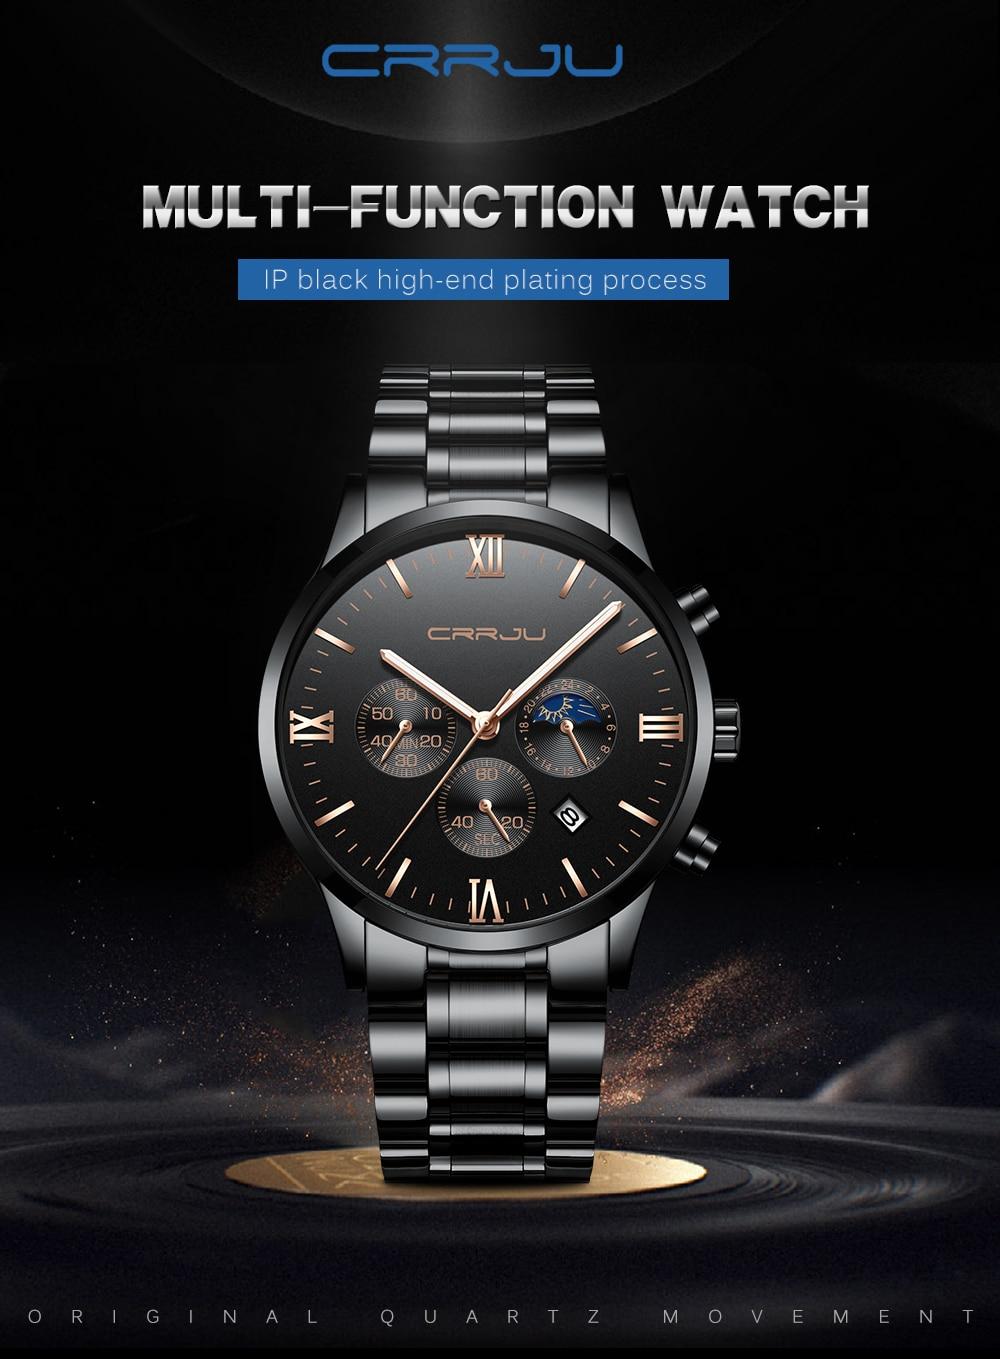 593a03e7af0 2018 CRJU Homens Relógio de Quartzo Homens Top Marca De Luxo ...